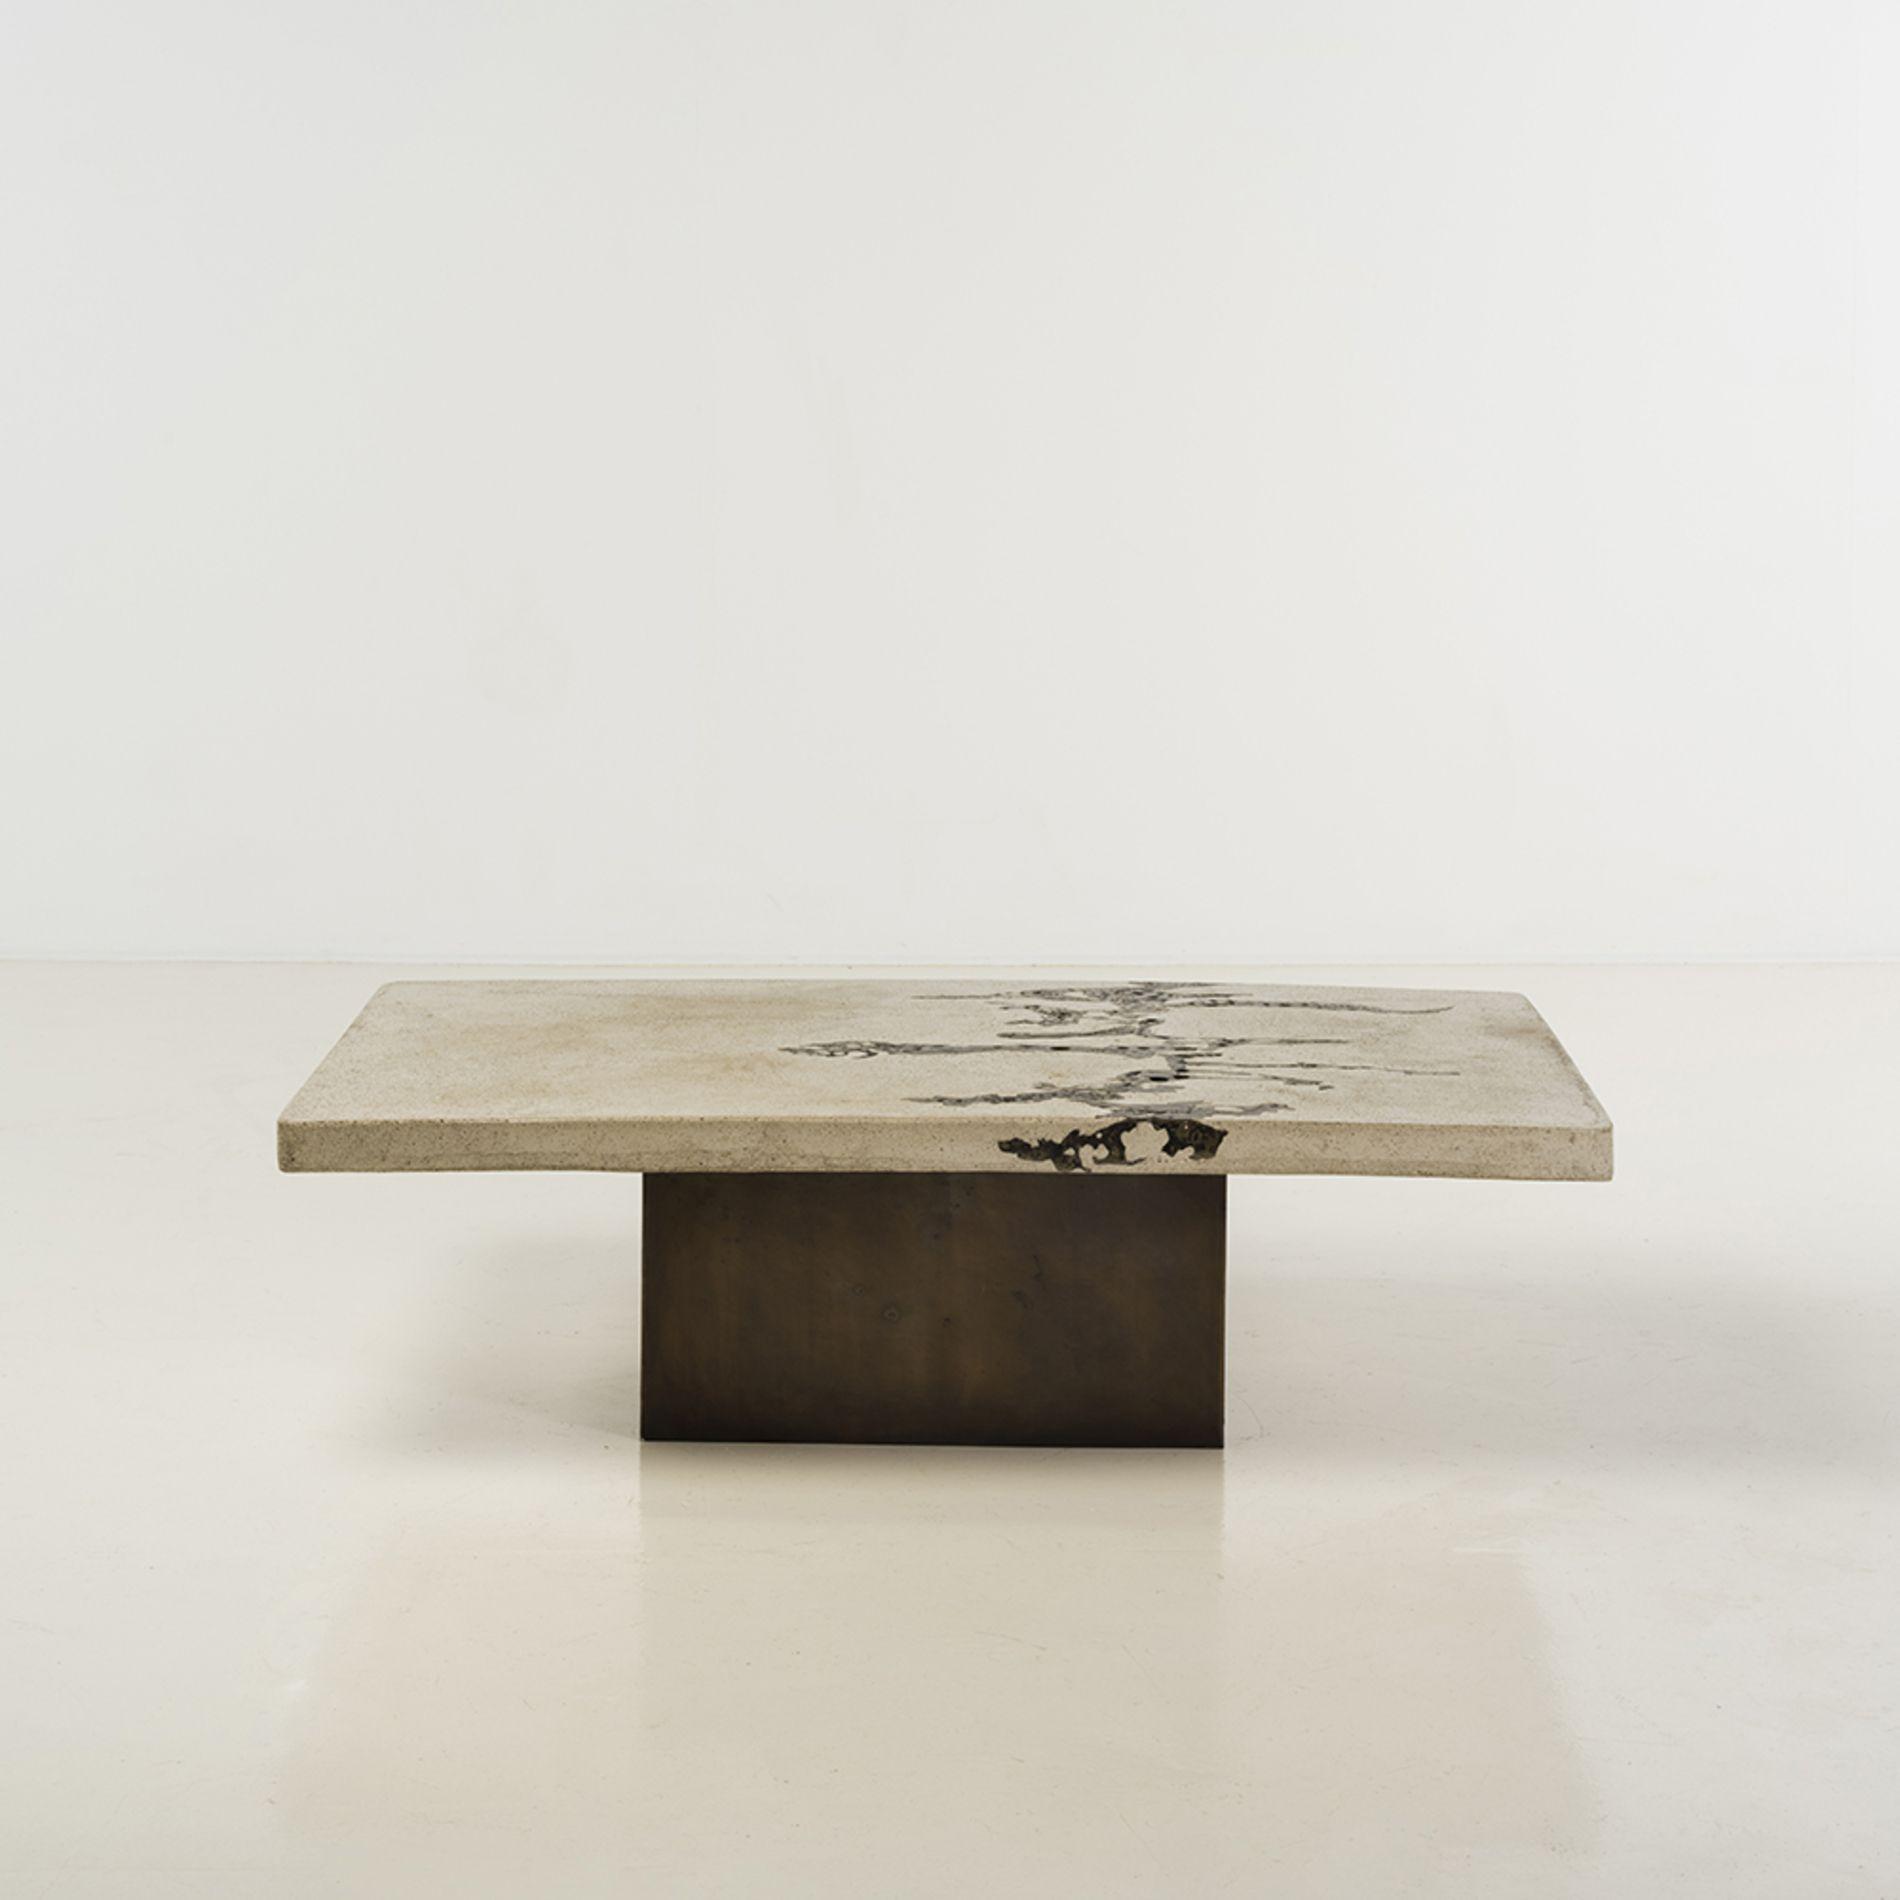 silas seandel n en 1937 table basse b ton et bronze. Black Bedroom Furniture Sets. Home Design Ideas